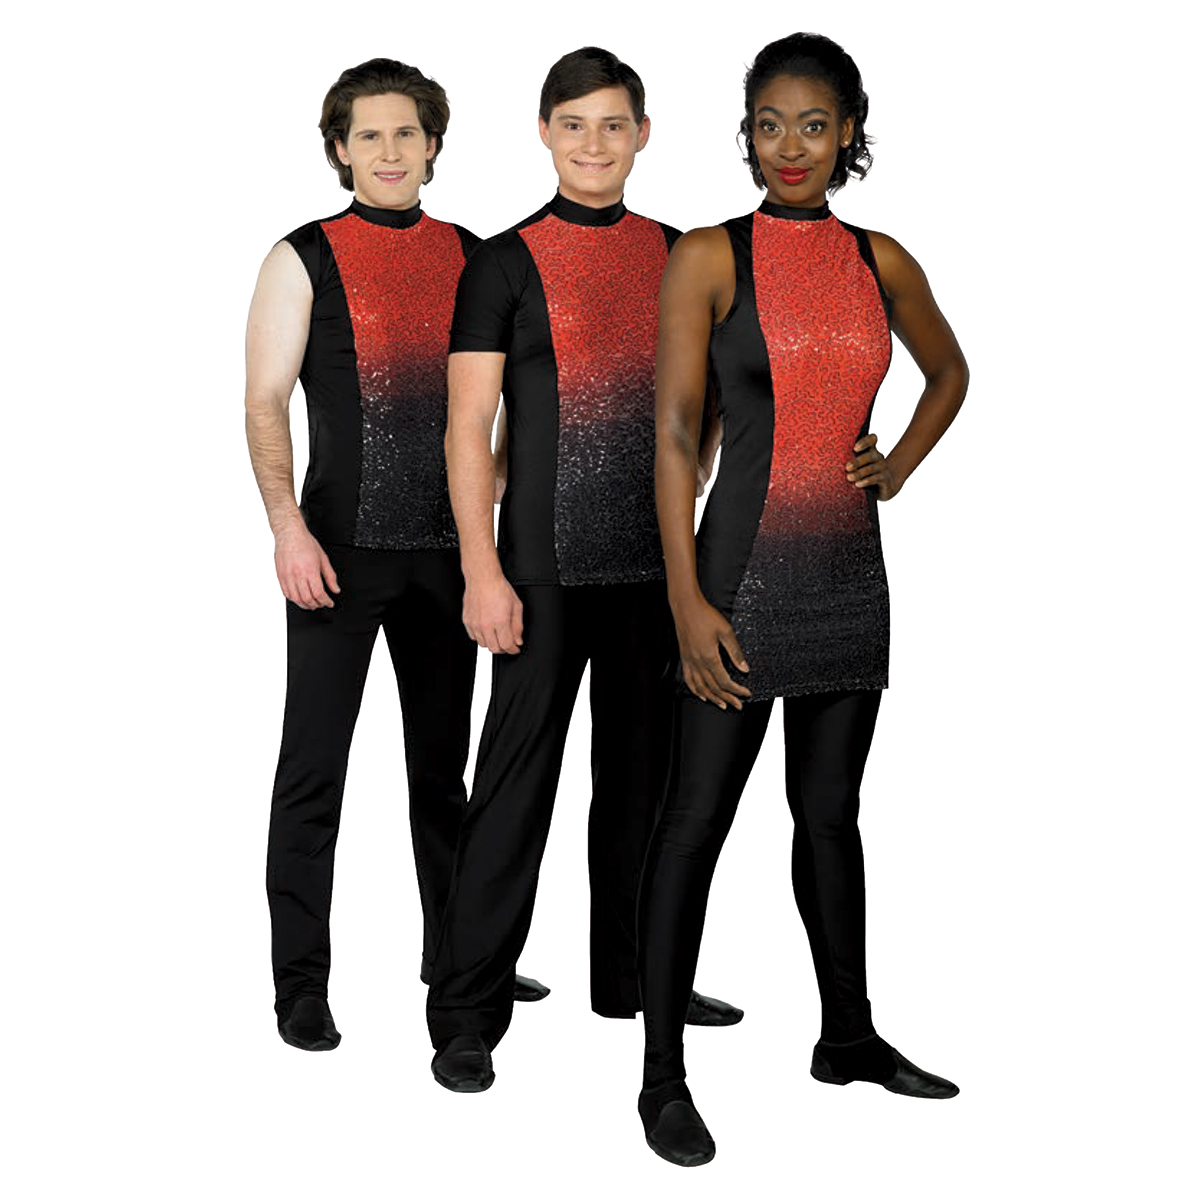 Custom Marching Band Jacket 209188 | Marching Band ...  |Band Shoppe Uniforms